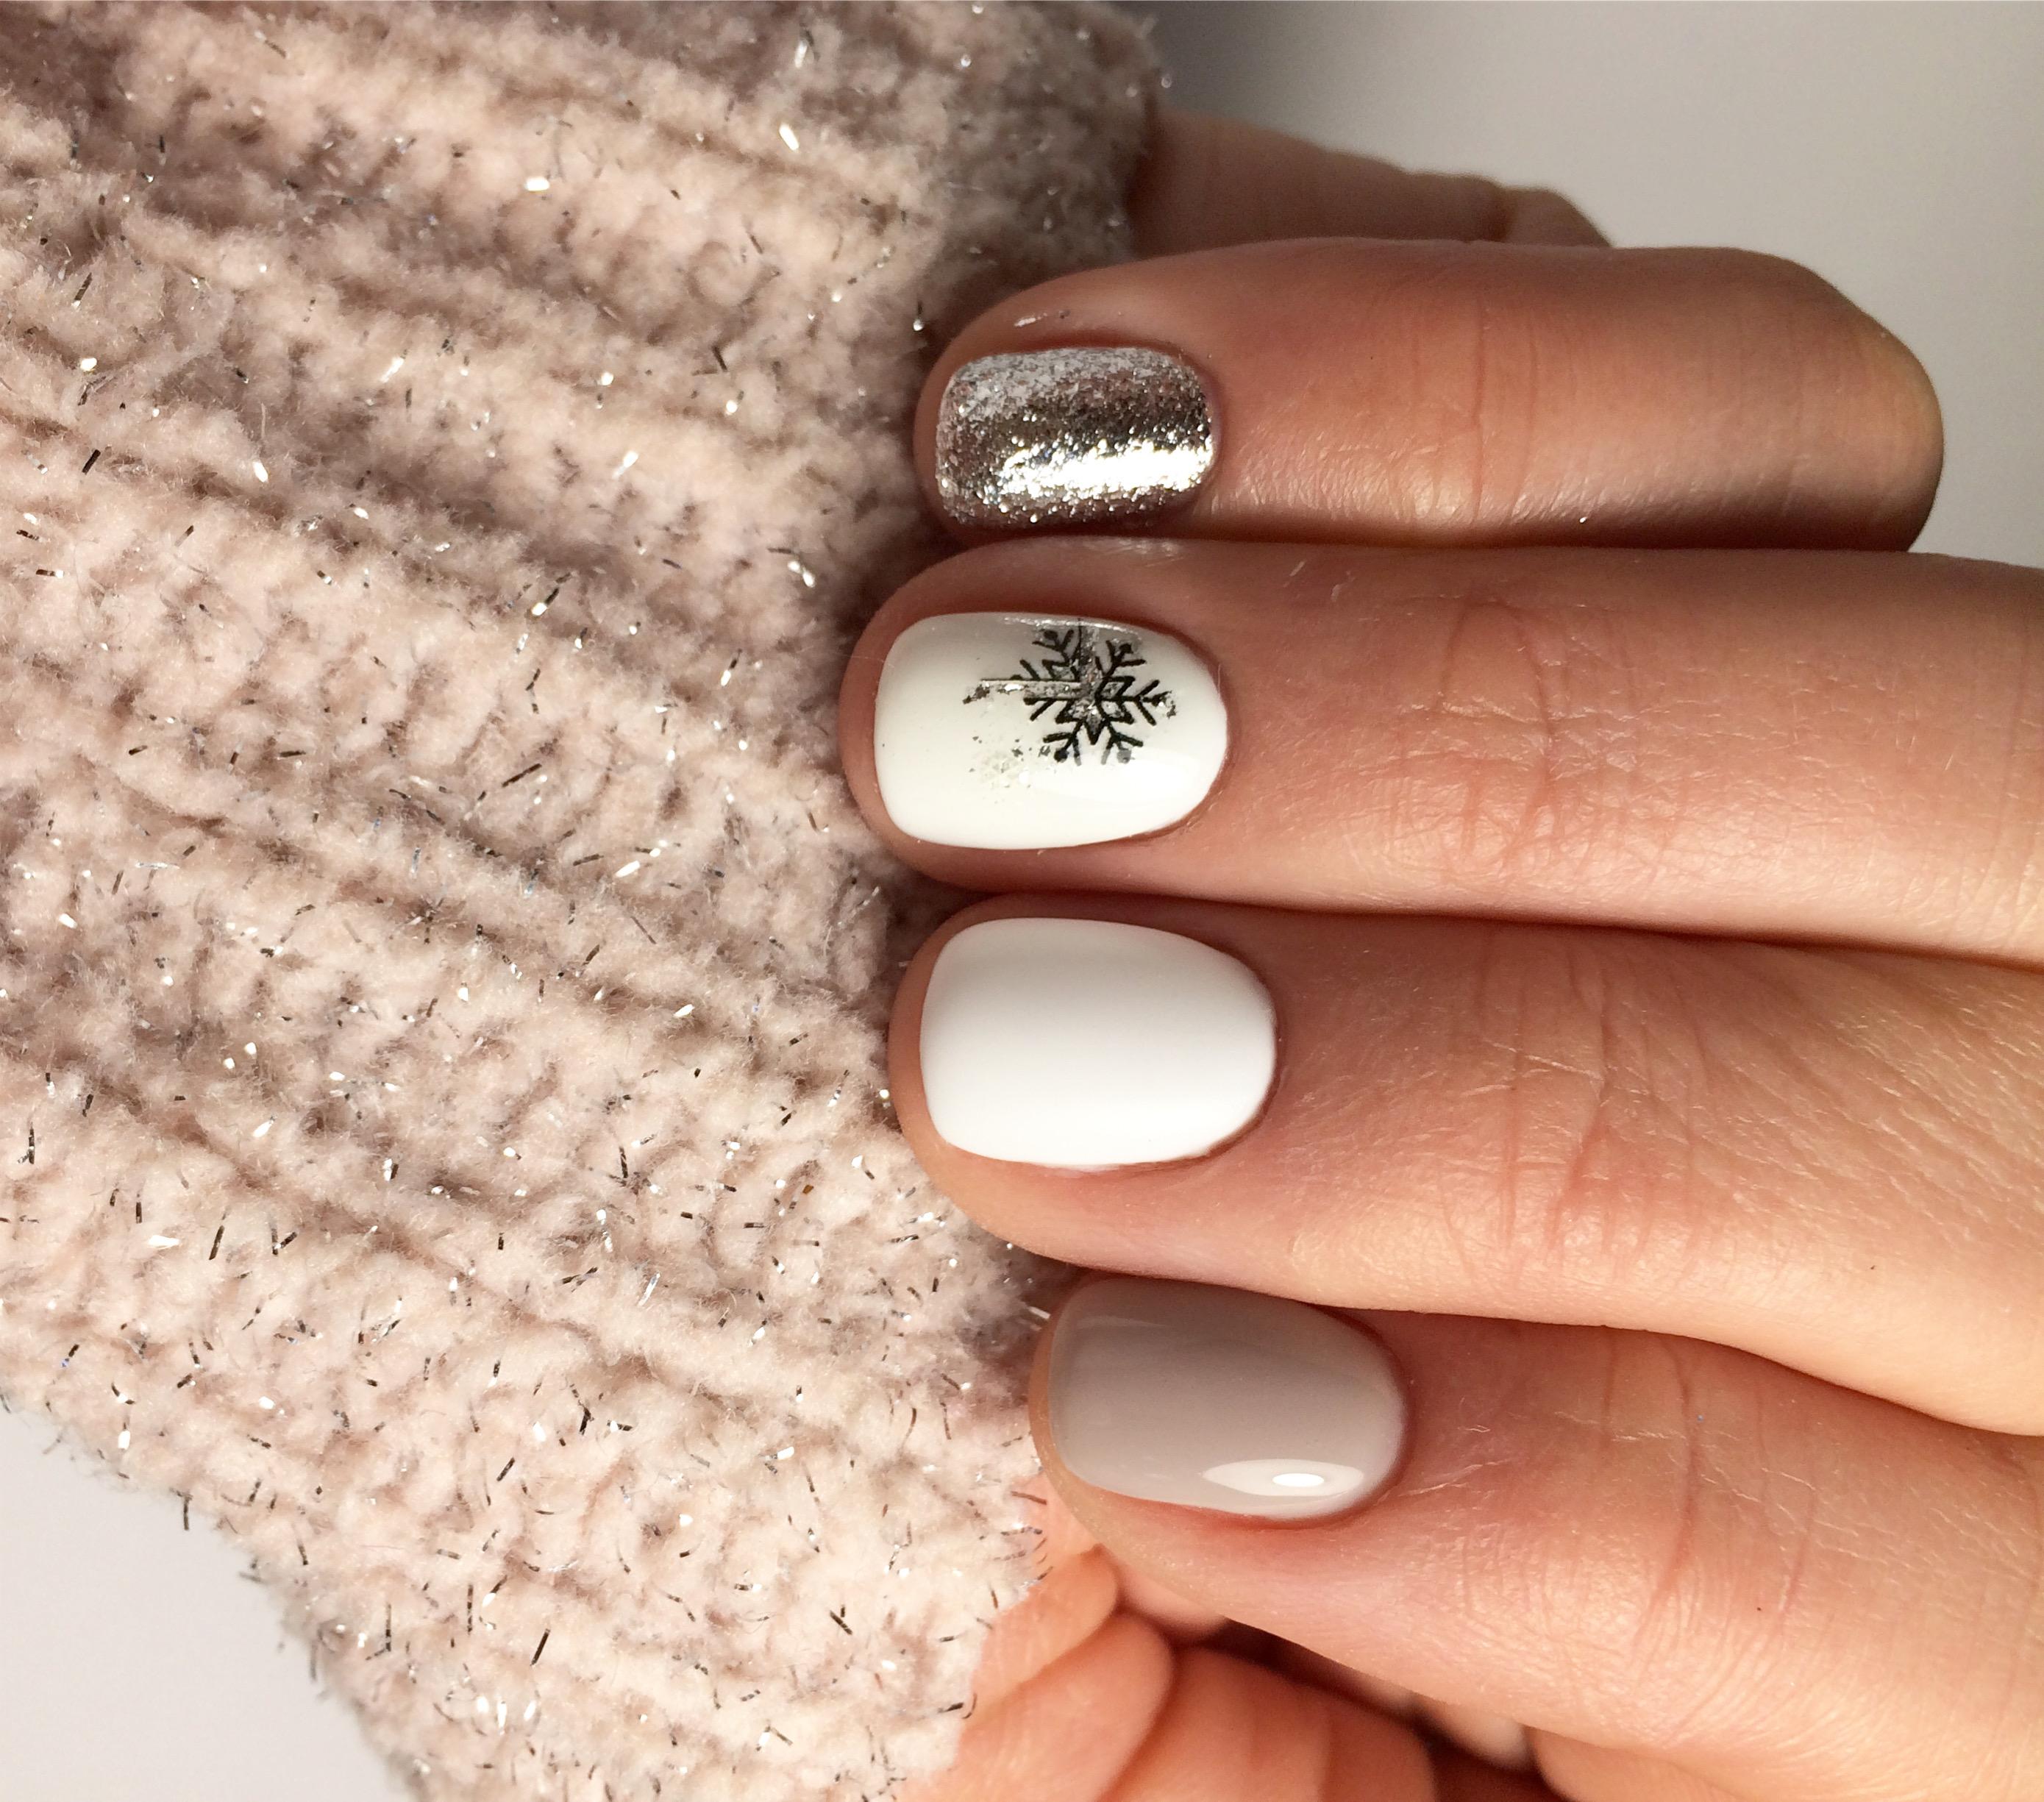 Зимний маникюр со снежинкой и серебряными блестками в пастельных тонах на короткие ногти.